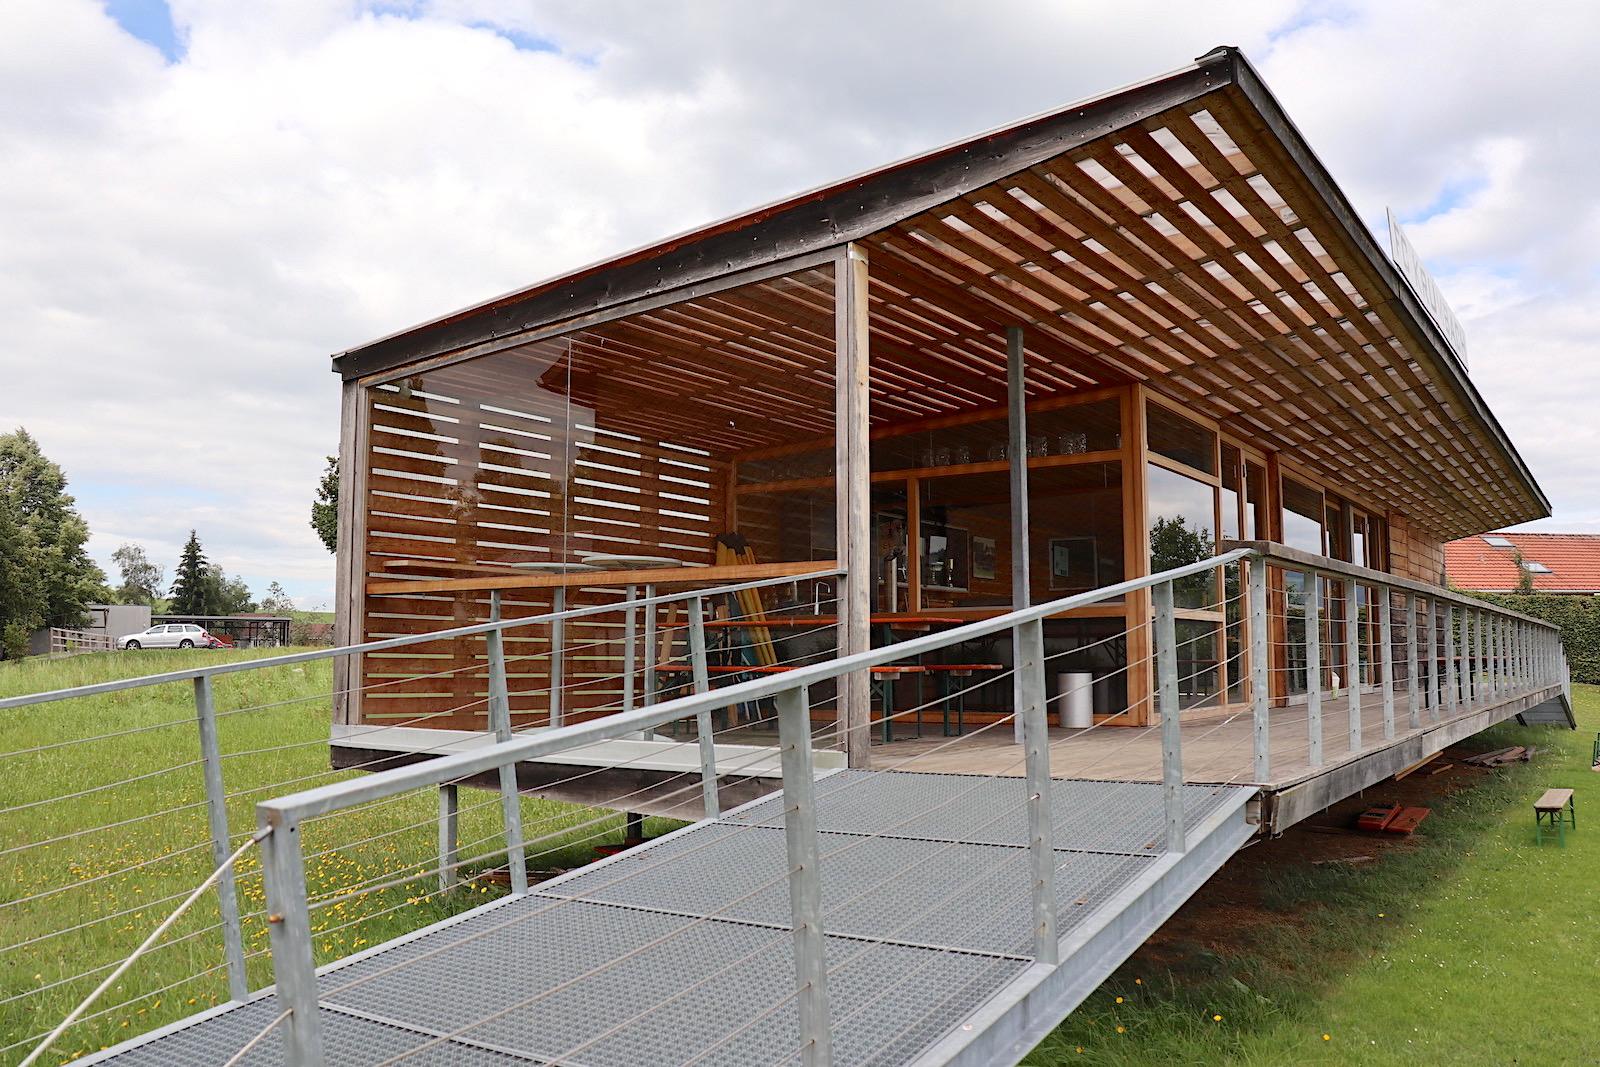 Sommerhaus Fussballclub Krumbach. Von Bernardo Bader Architekten, Dornbirn. Fertigstellung: 2000. Bader (*1974) gehört zur neuen Architektengeneration, die in Vorarlberg und darüber hinaus hochgelobte Projekte realisieren. 2013 erhielt Bader den Aga Khan Award for Architecture. Das Sommerhaus war seine erste umgesetzte Arbeit.